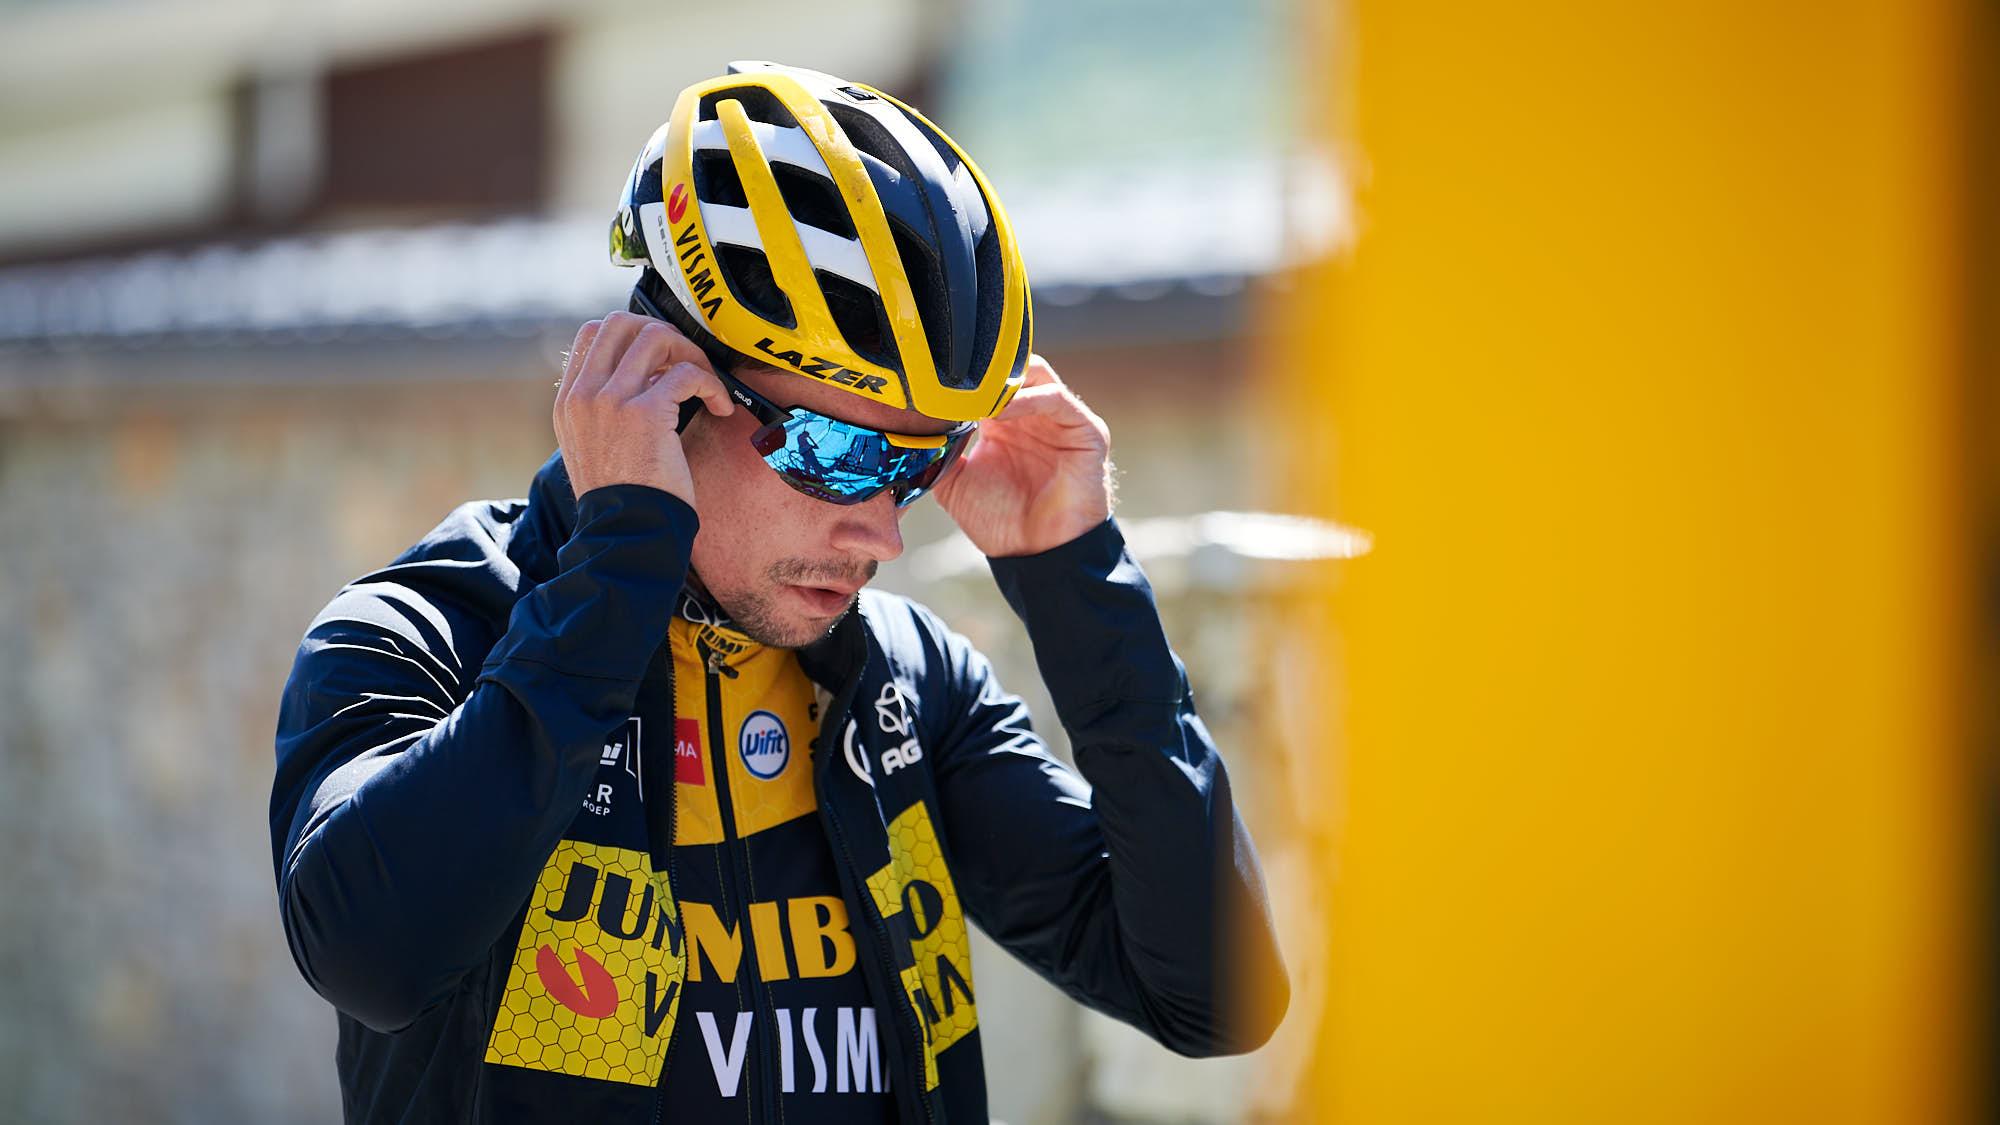 Primoz Roglic putting on glasses